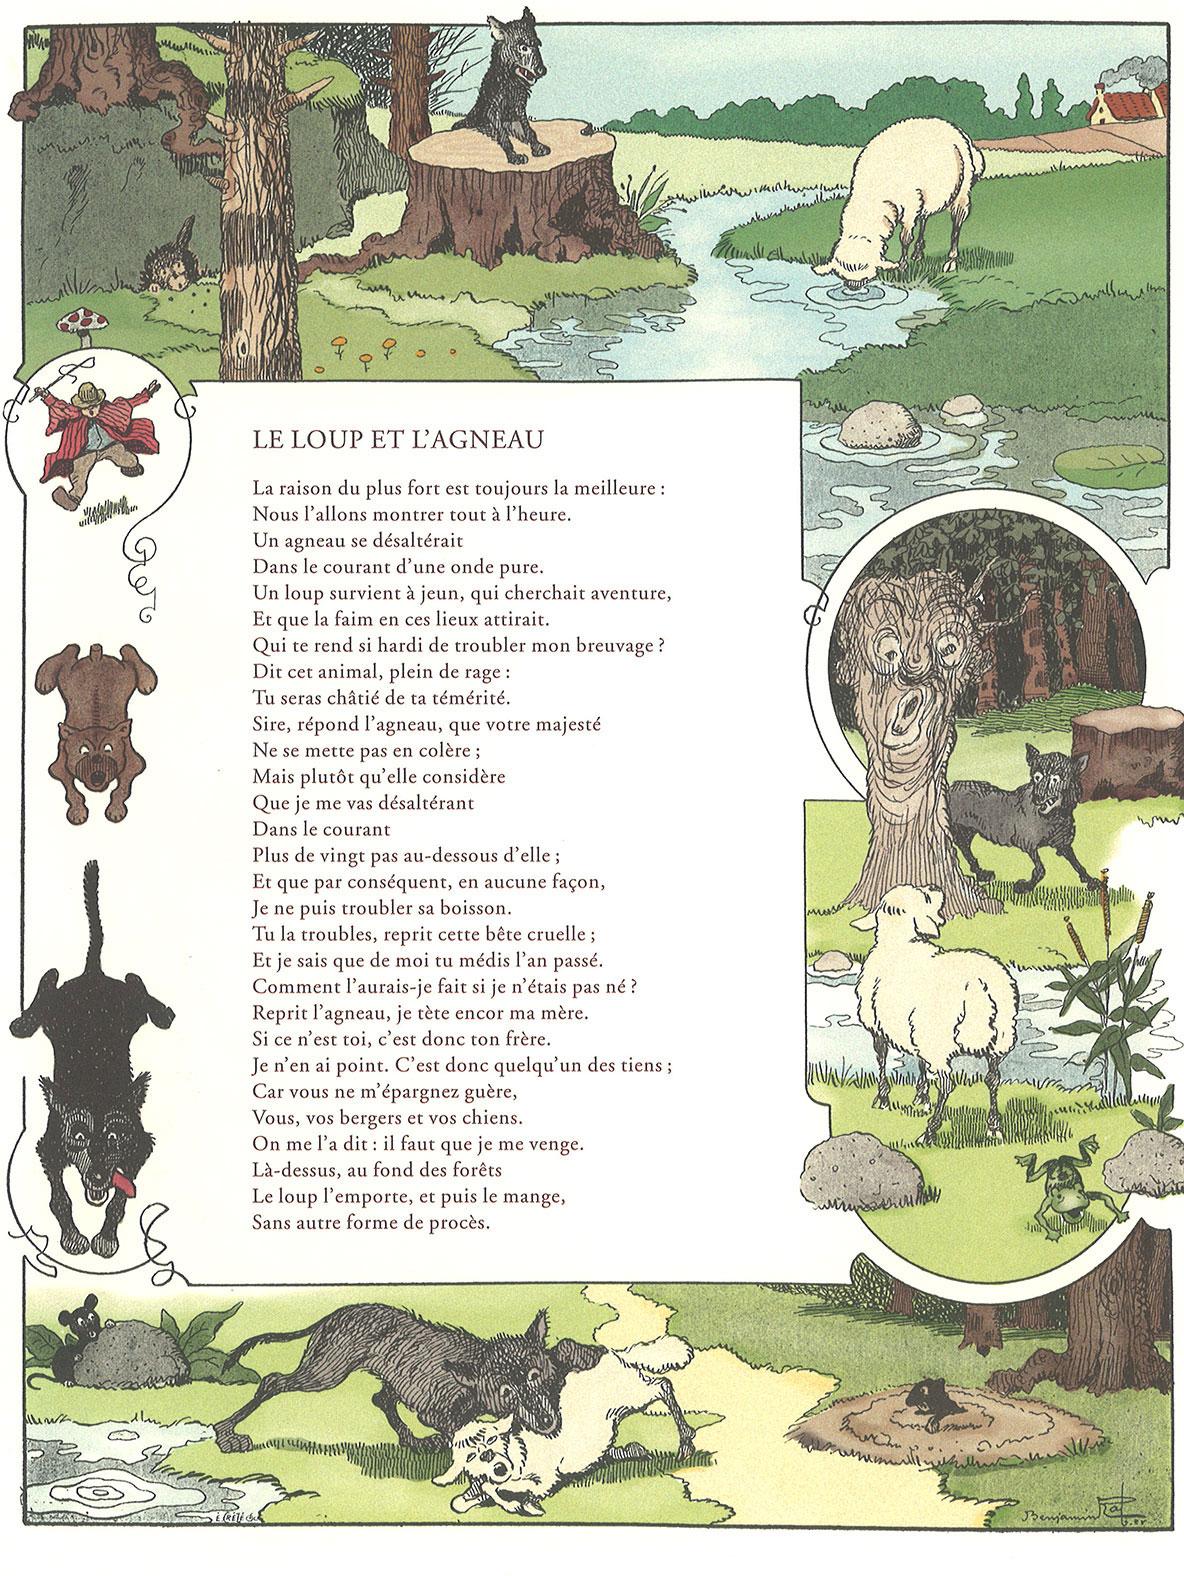 Jean De La Fontaine Le Loup Et L'agneau : fontaine, l'agneau, L'Agneau, (Jean, Fontaine,, Illustrations, Benjamin, Rabier,, 1906)